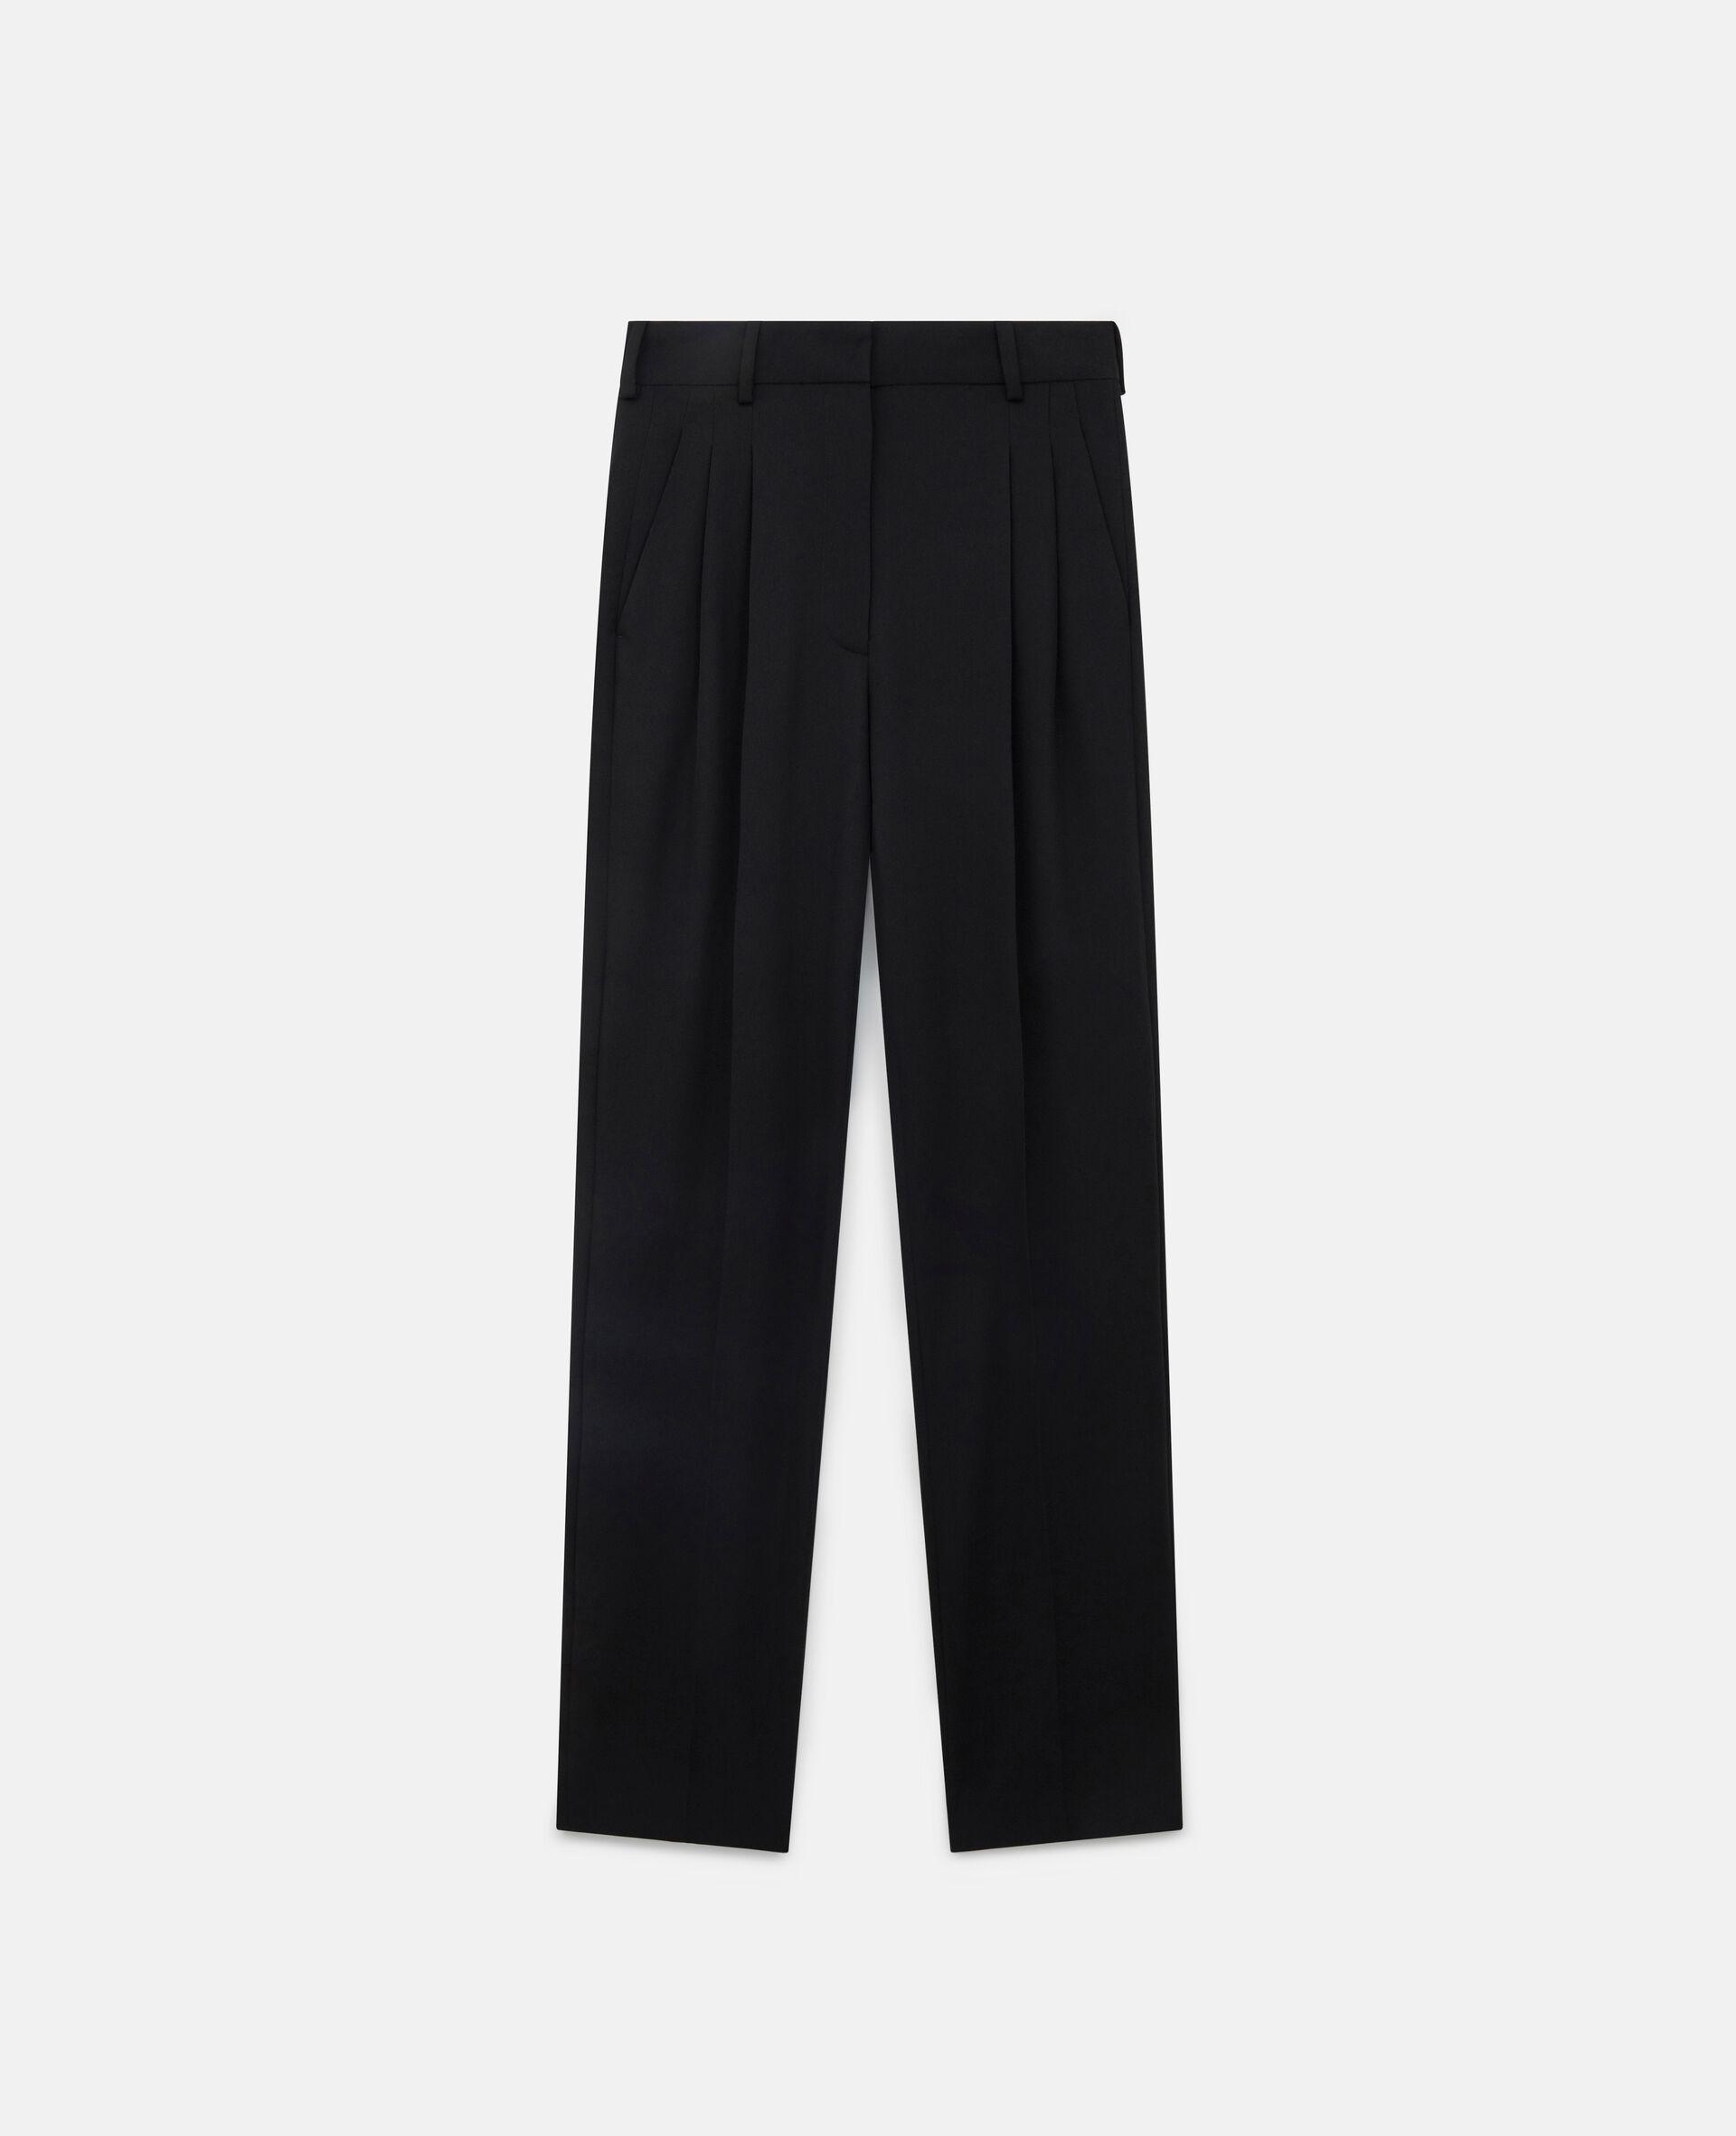 Pantaloni Lara in Lana-Nero-large image number 0